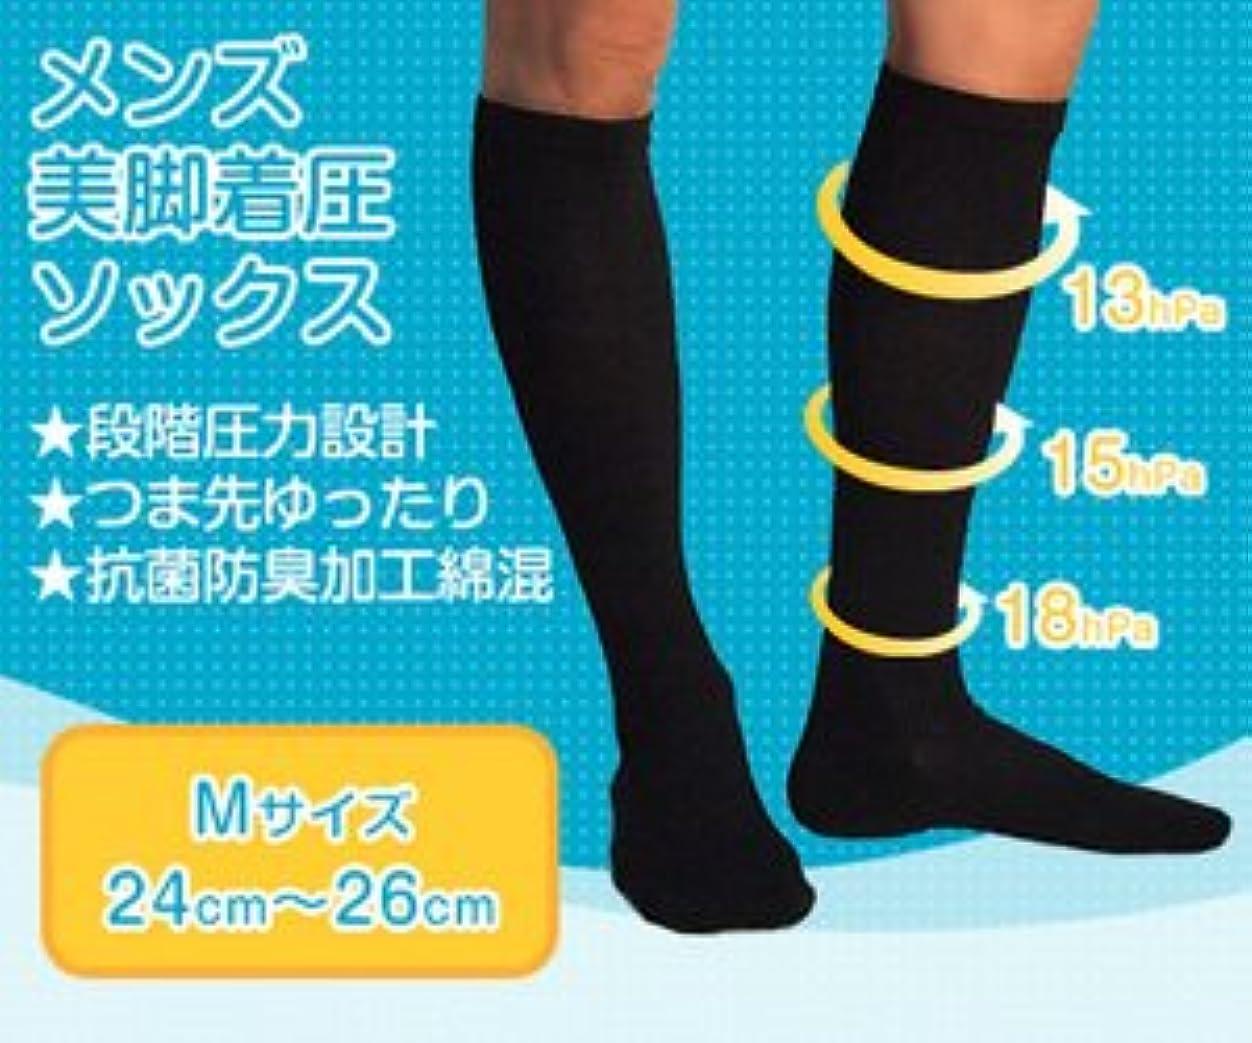 ストロー舗装する工夫する5足組 男性用 綿 着圧ソックス 足の疲れ むくみ対策 黒 24-26cm 太陽ニット N001M